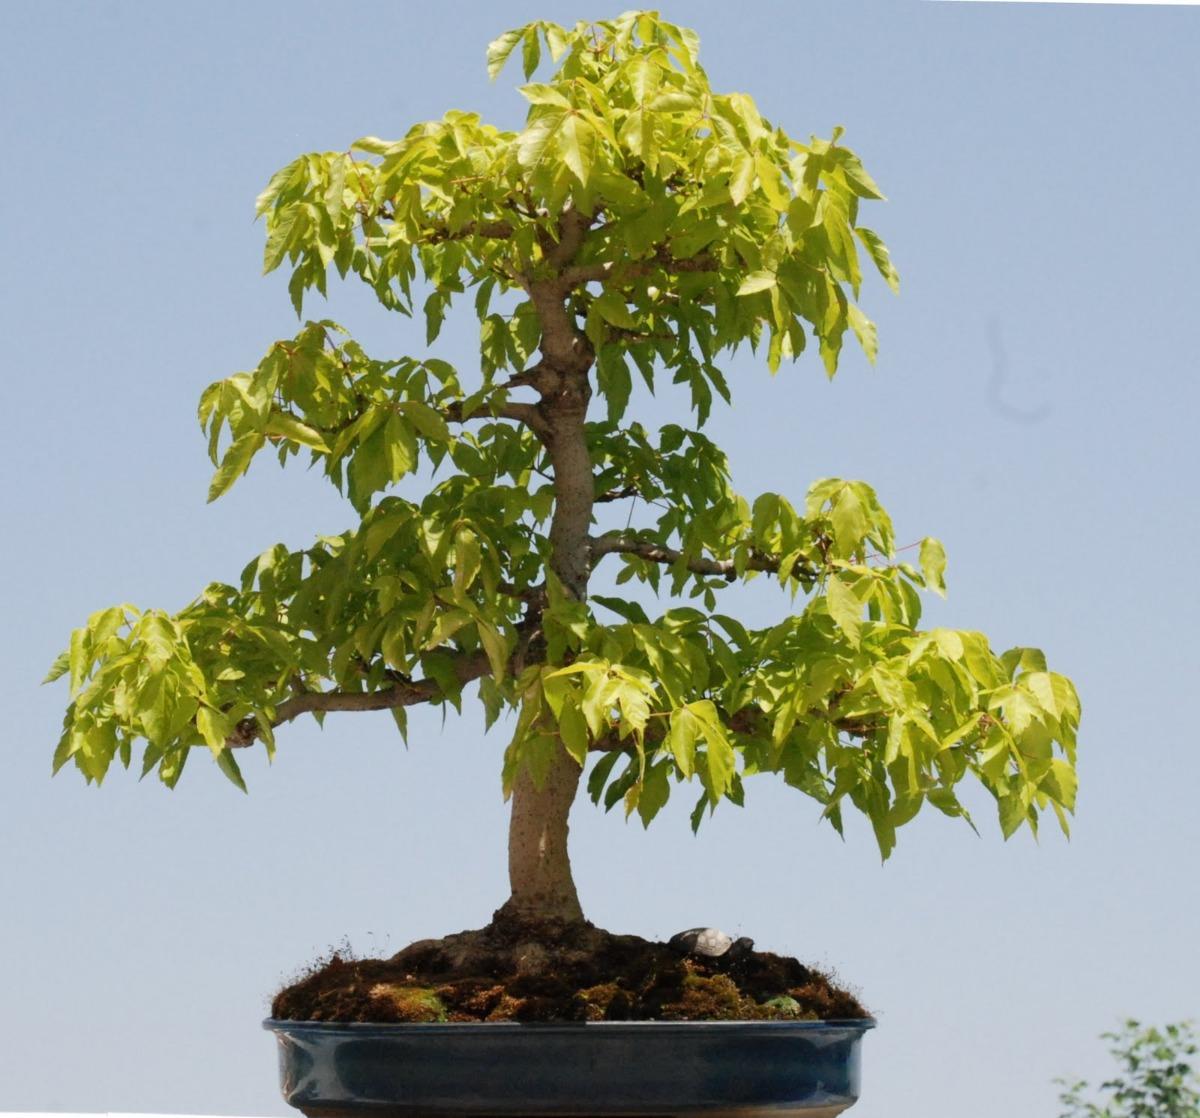 50 Semillas De Arce Americano Acer Negundo P árbol O Bonsai 199